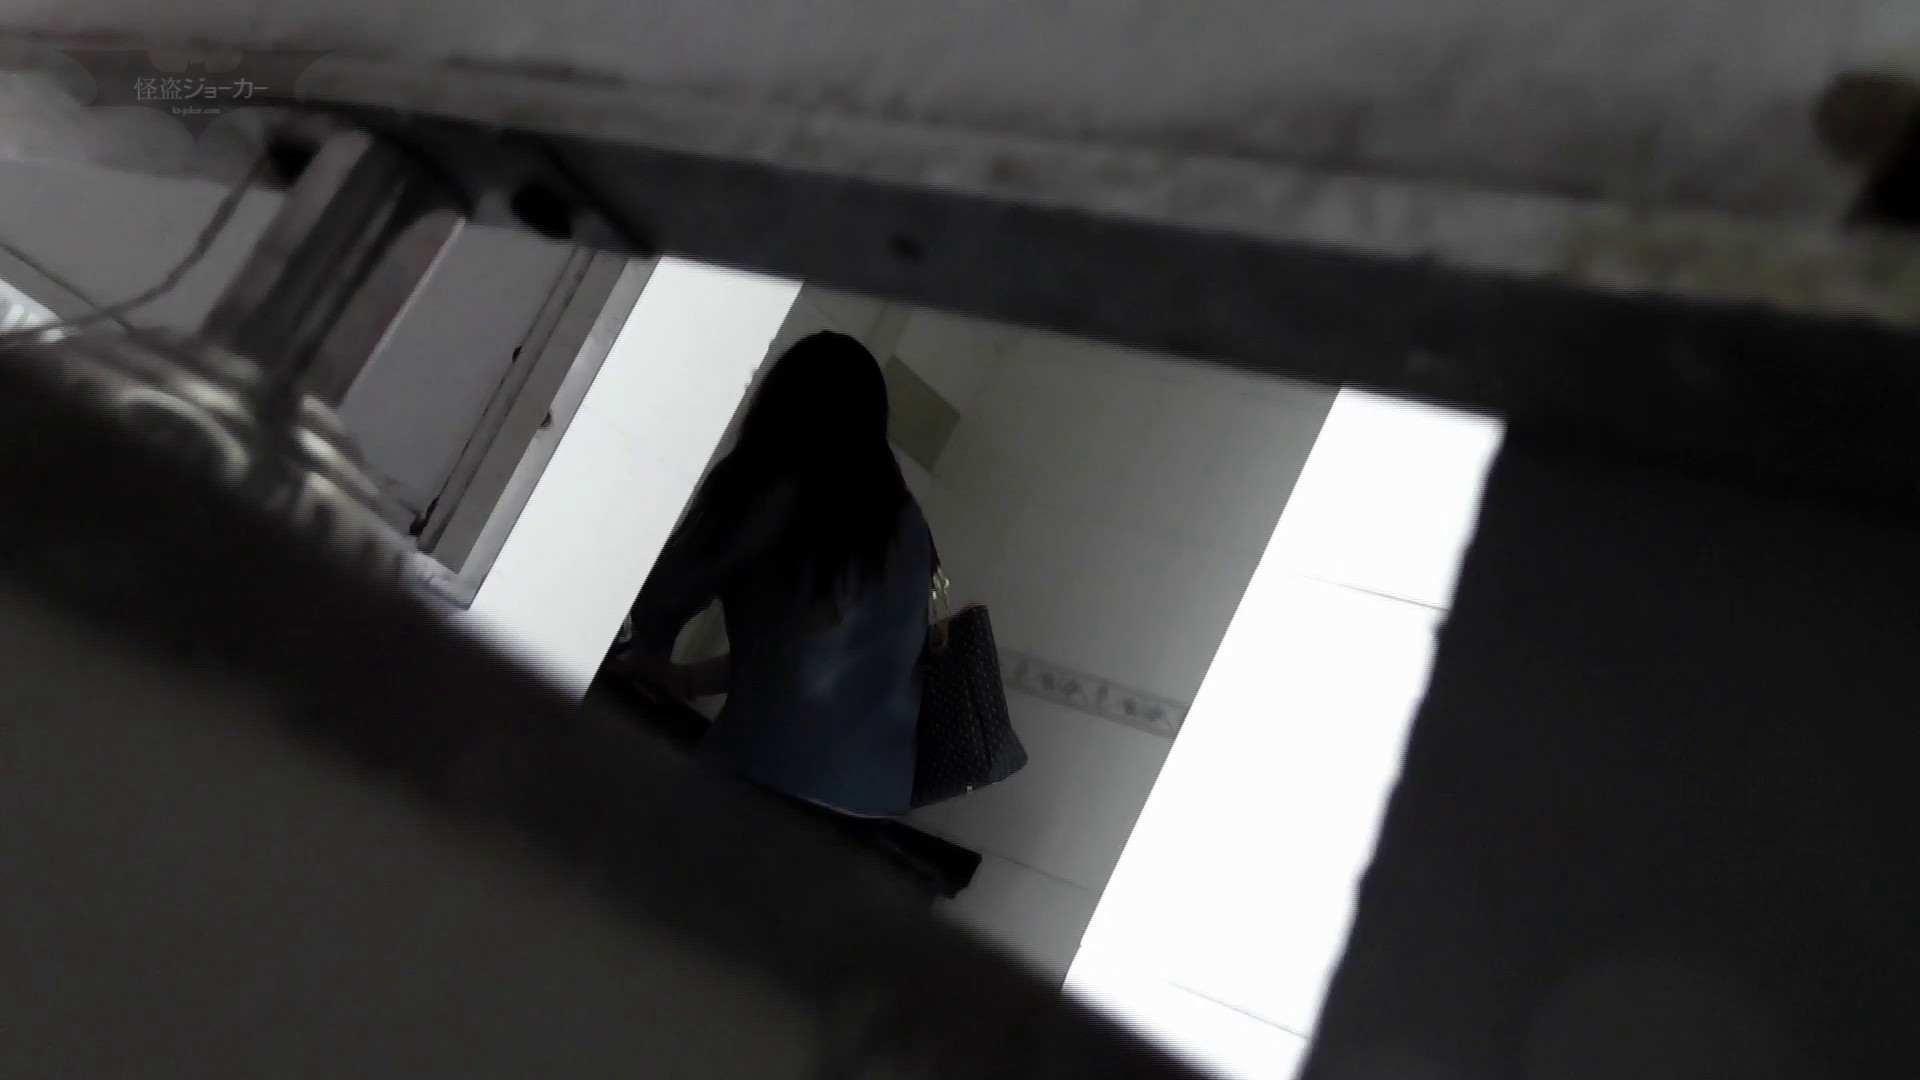 アダルトエロ動画|下からノゾム vol.030 びしょびしょの連続、お尻半分濡れるほど、|怪盗ジョーカー